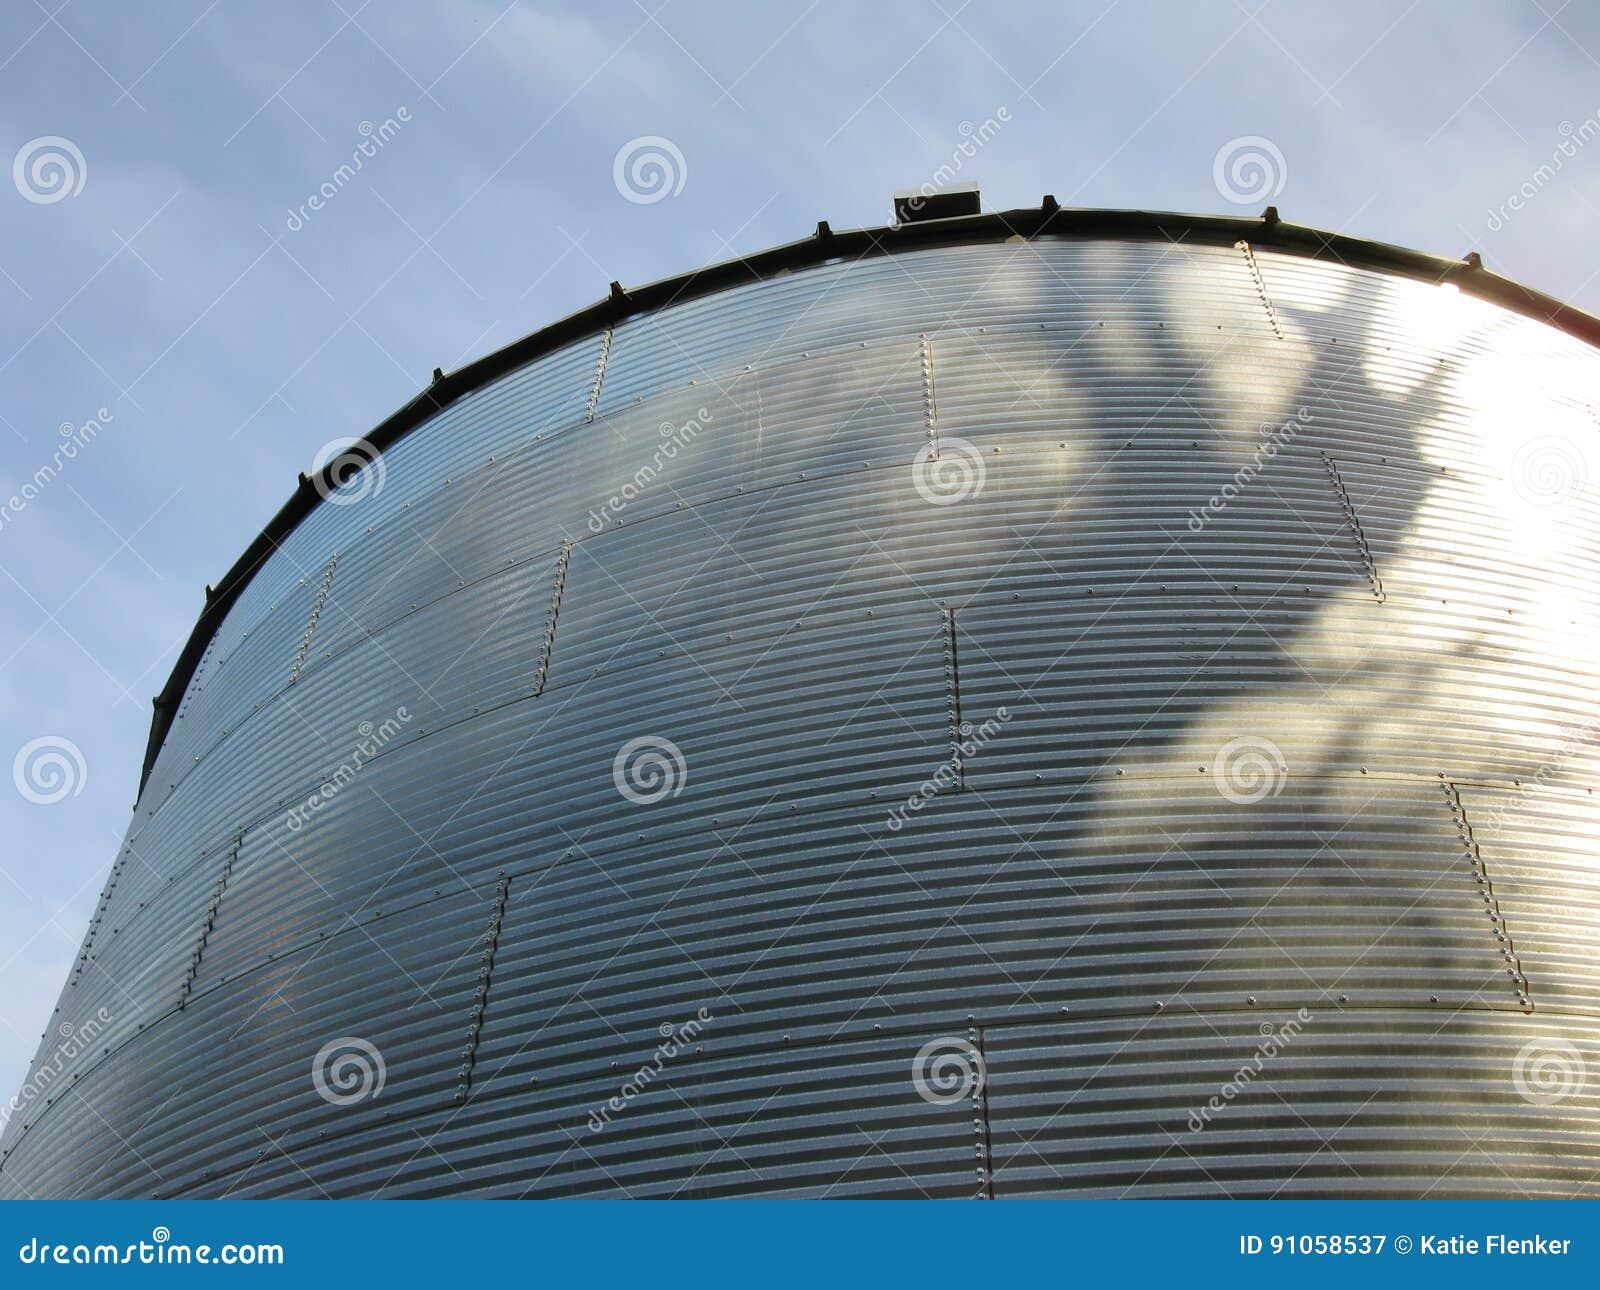 Steel bin